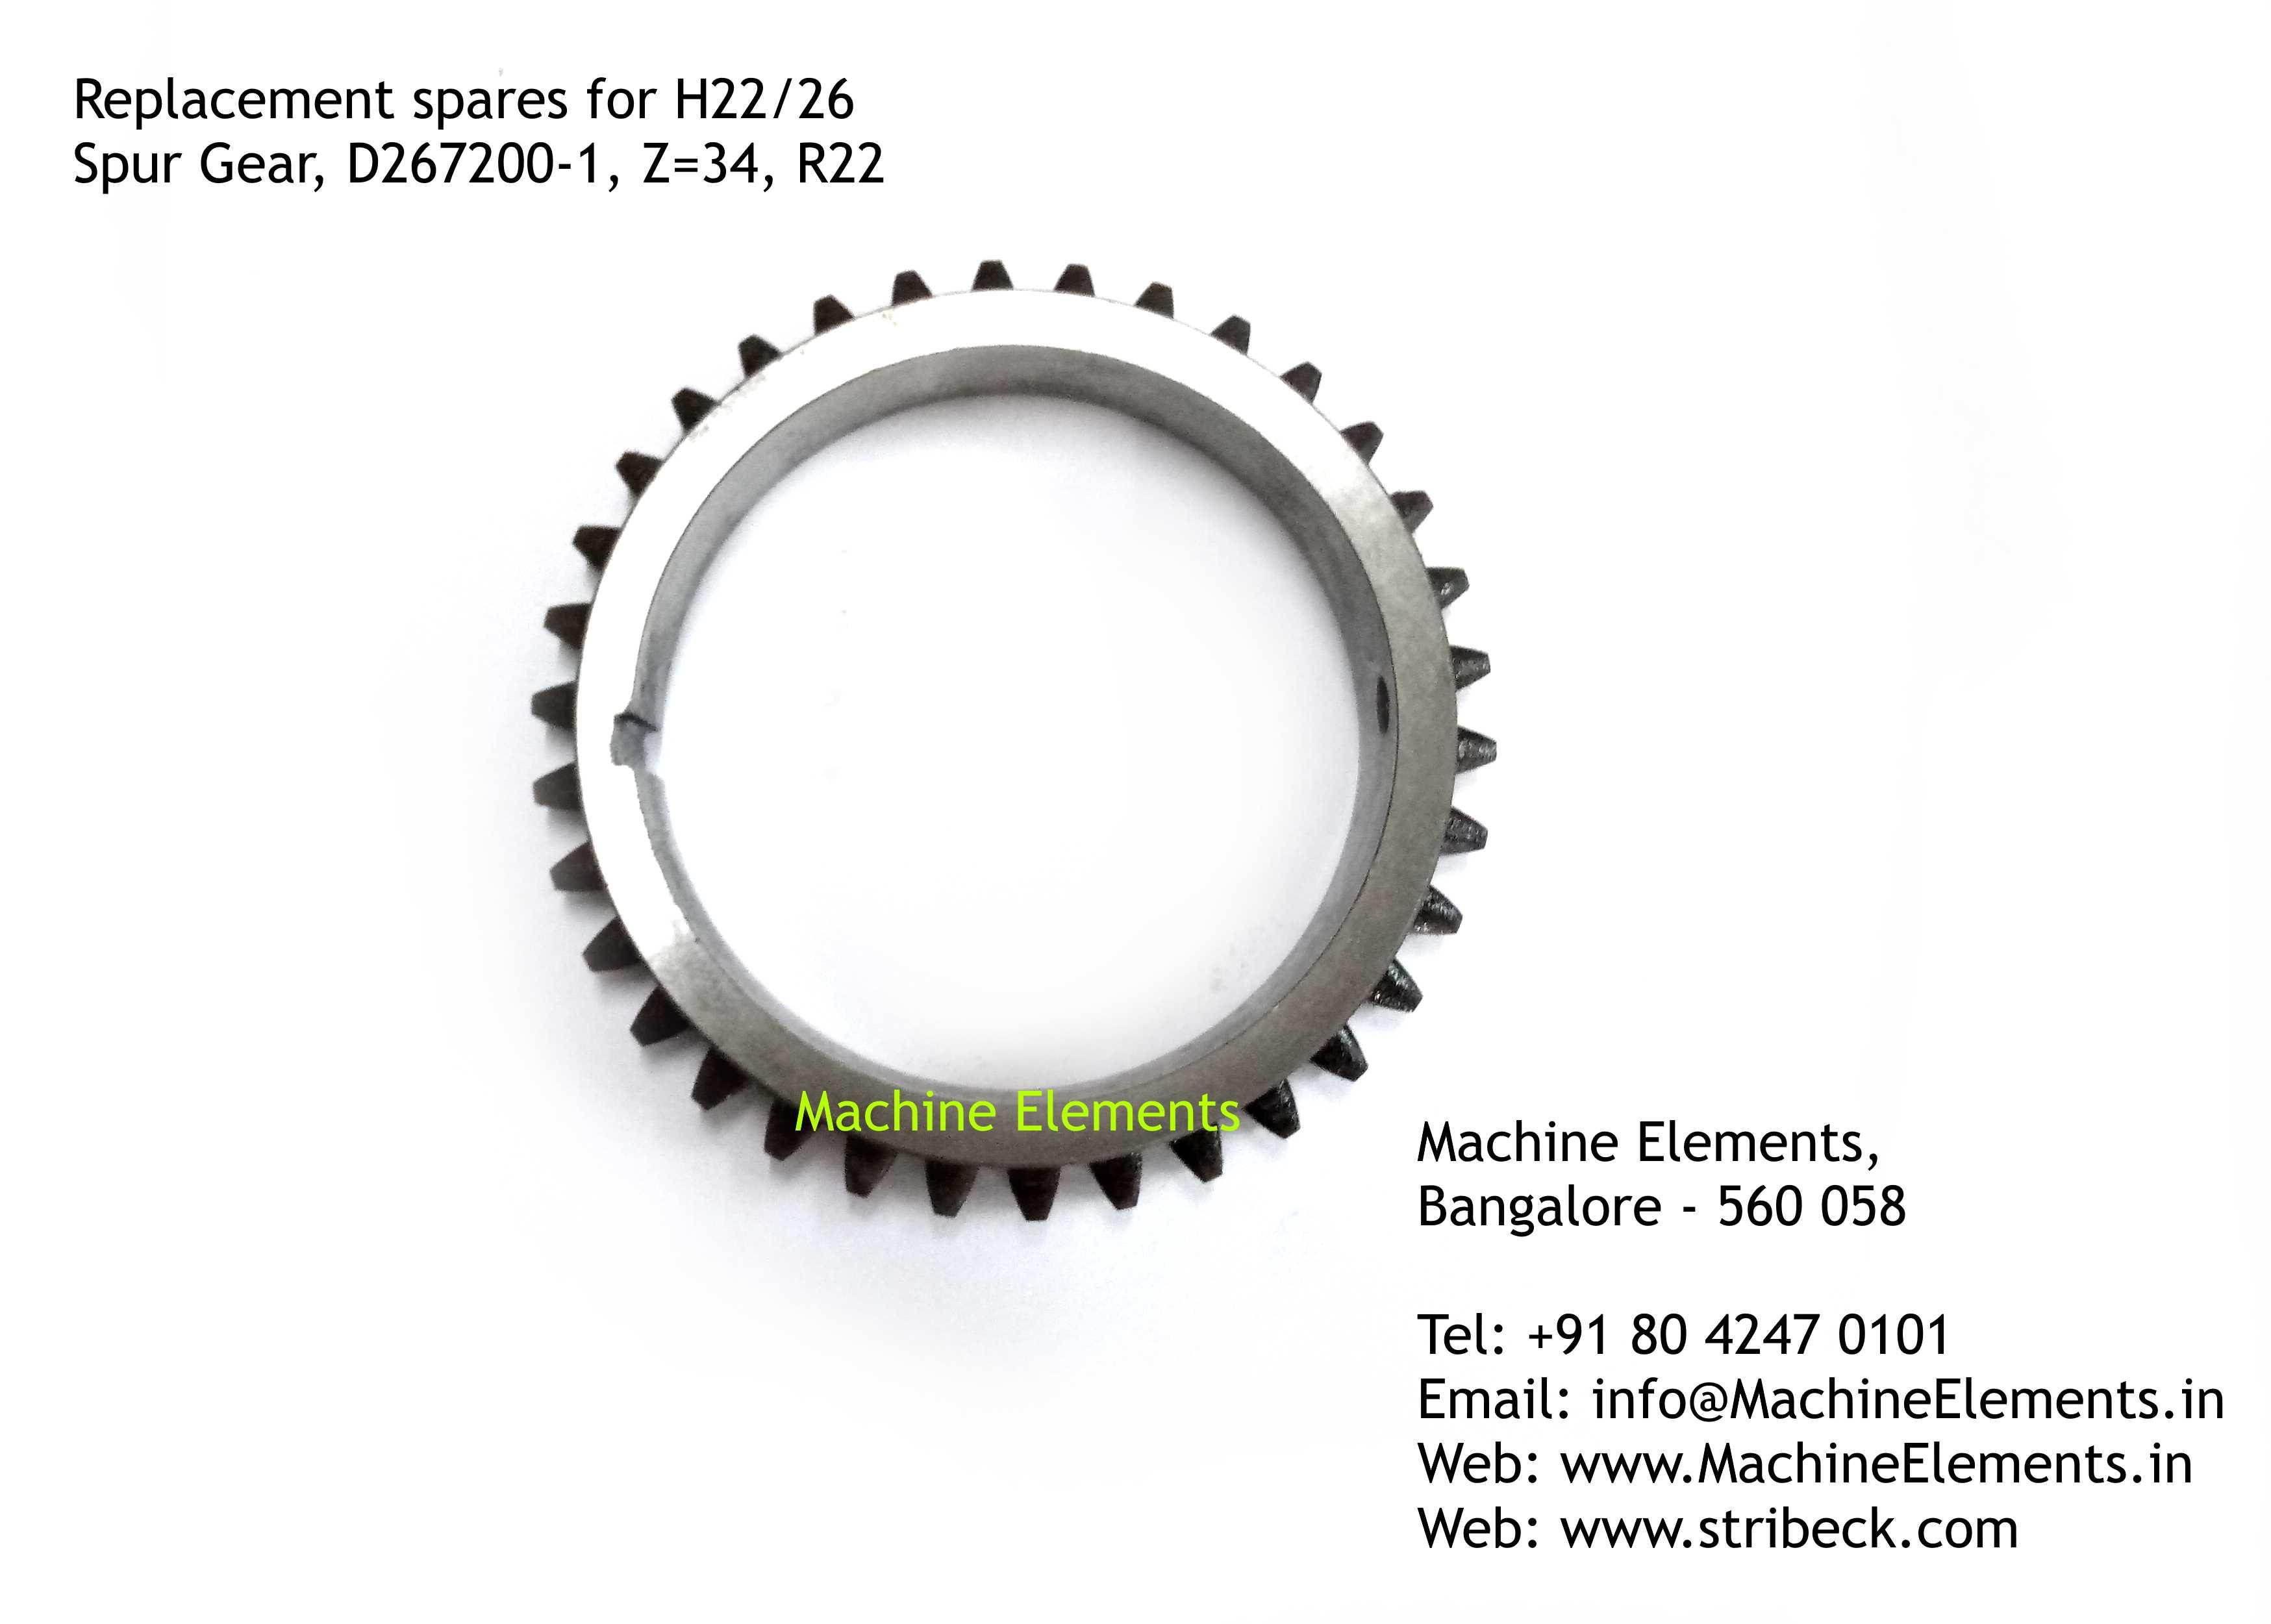 Spur Gear, D267200-1, Z=34, R22